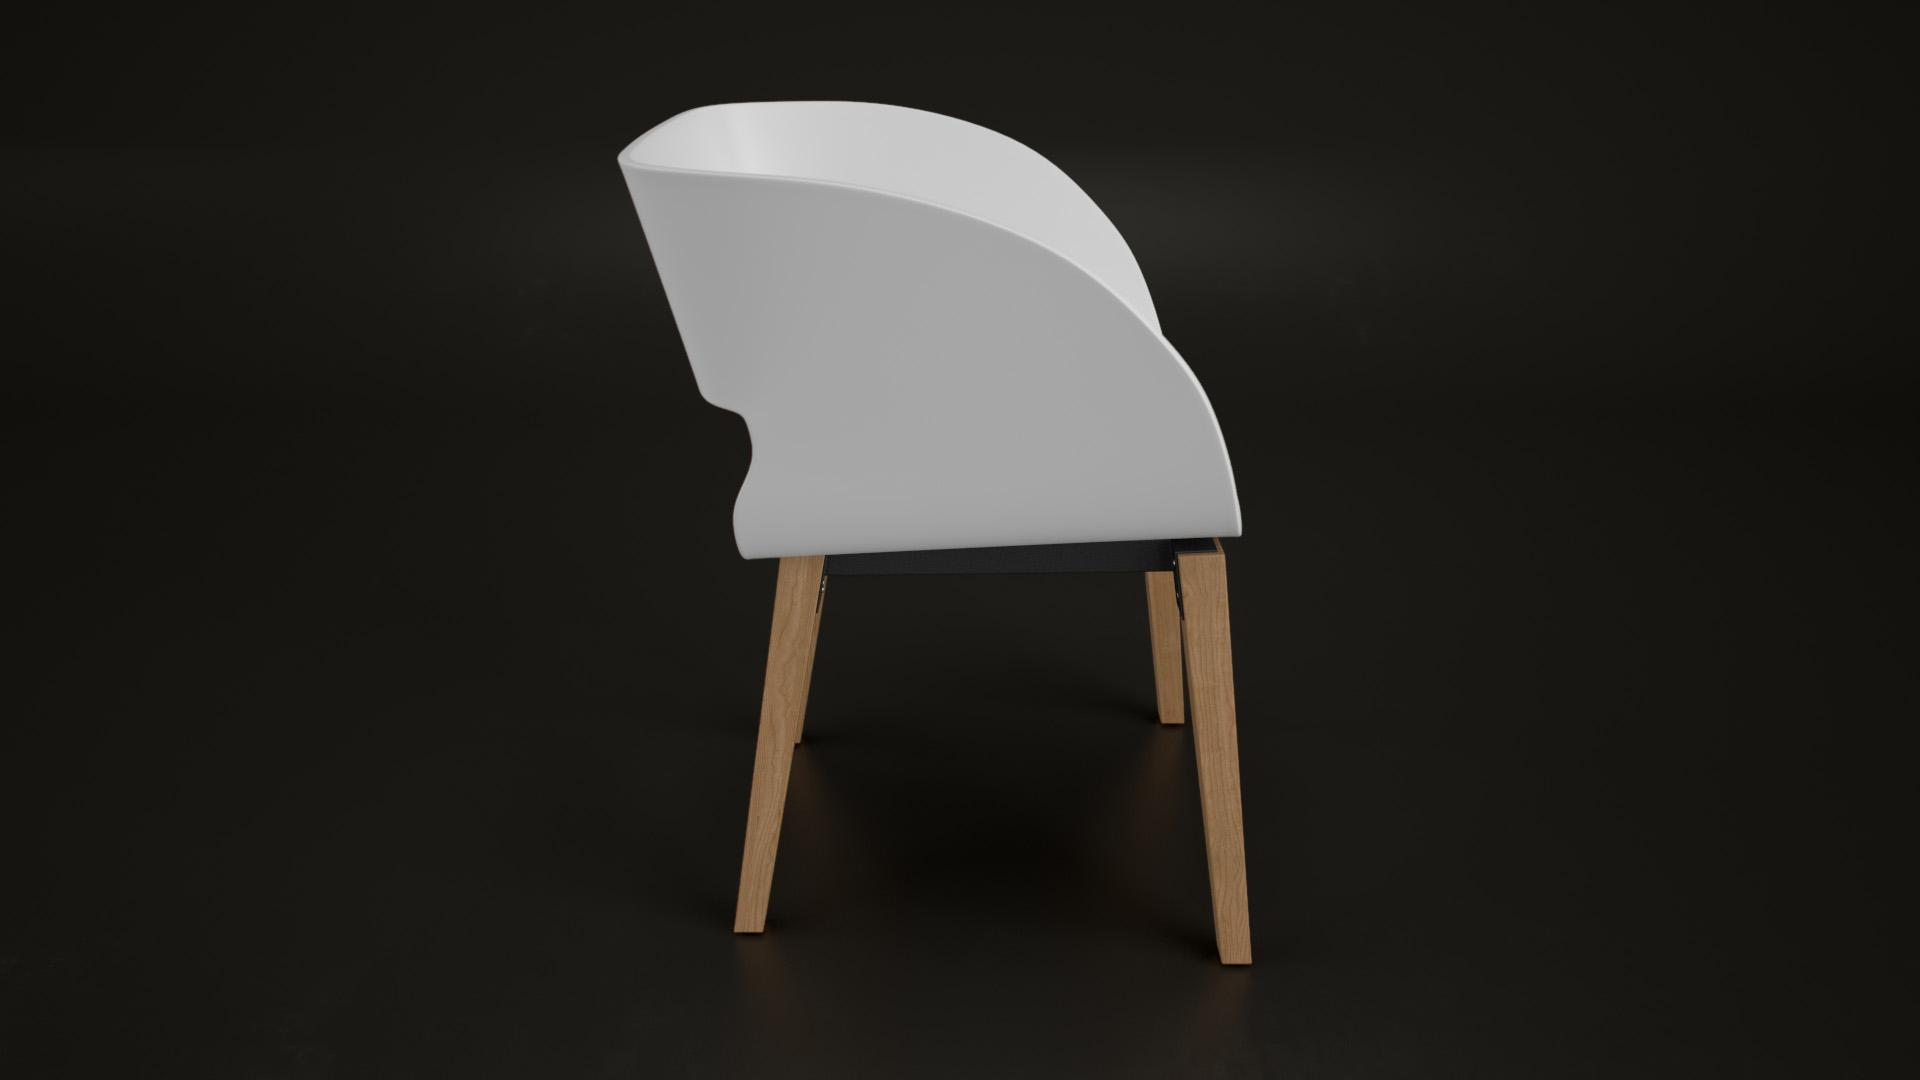 Tribu_Vintage_Chair_TeakLegs_BlackSet_01_V1.01_0002